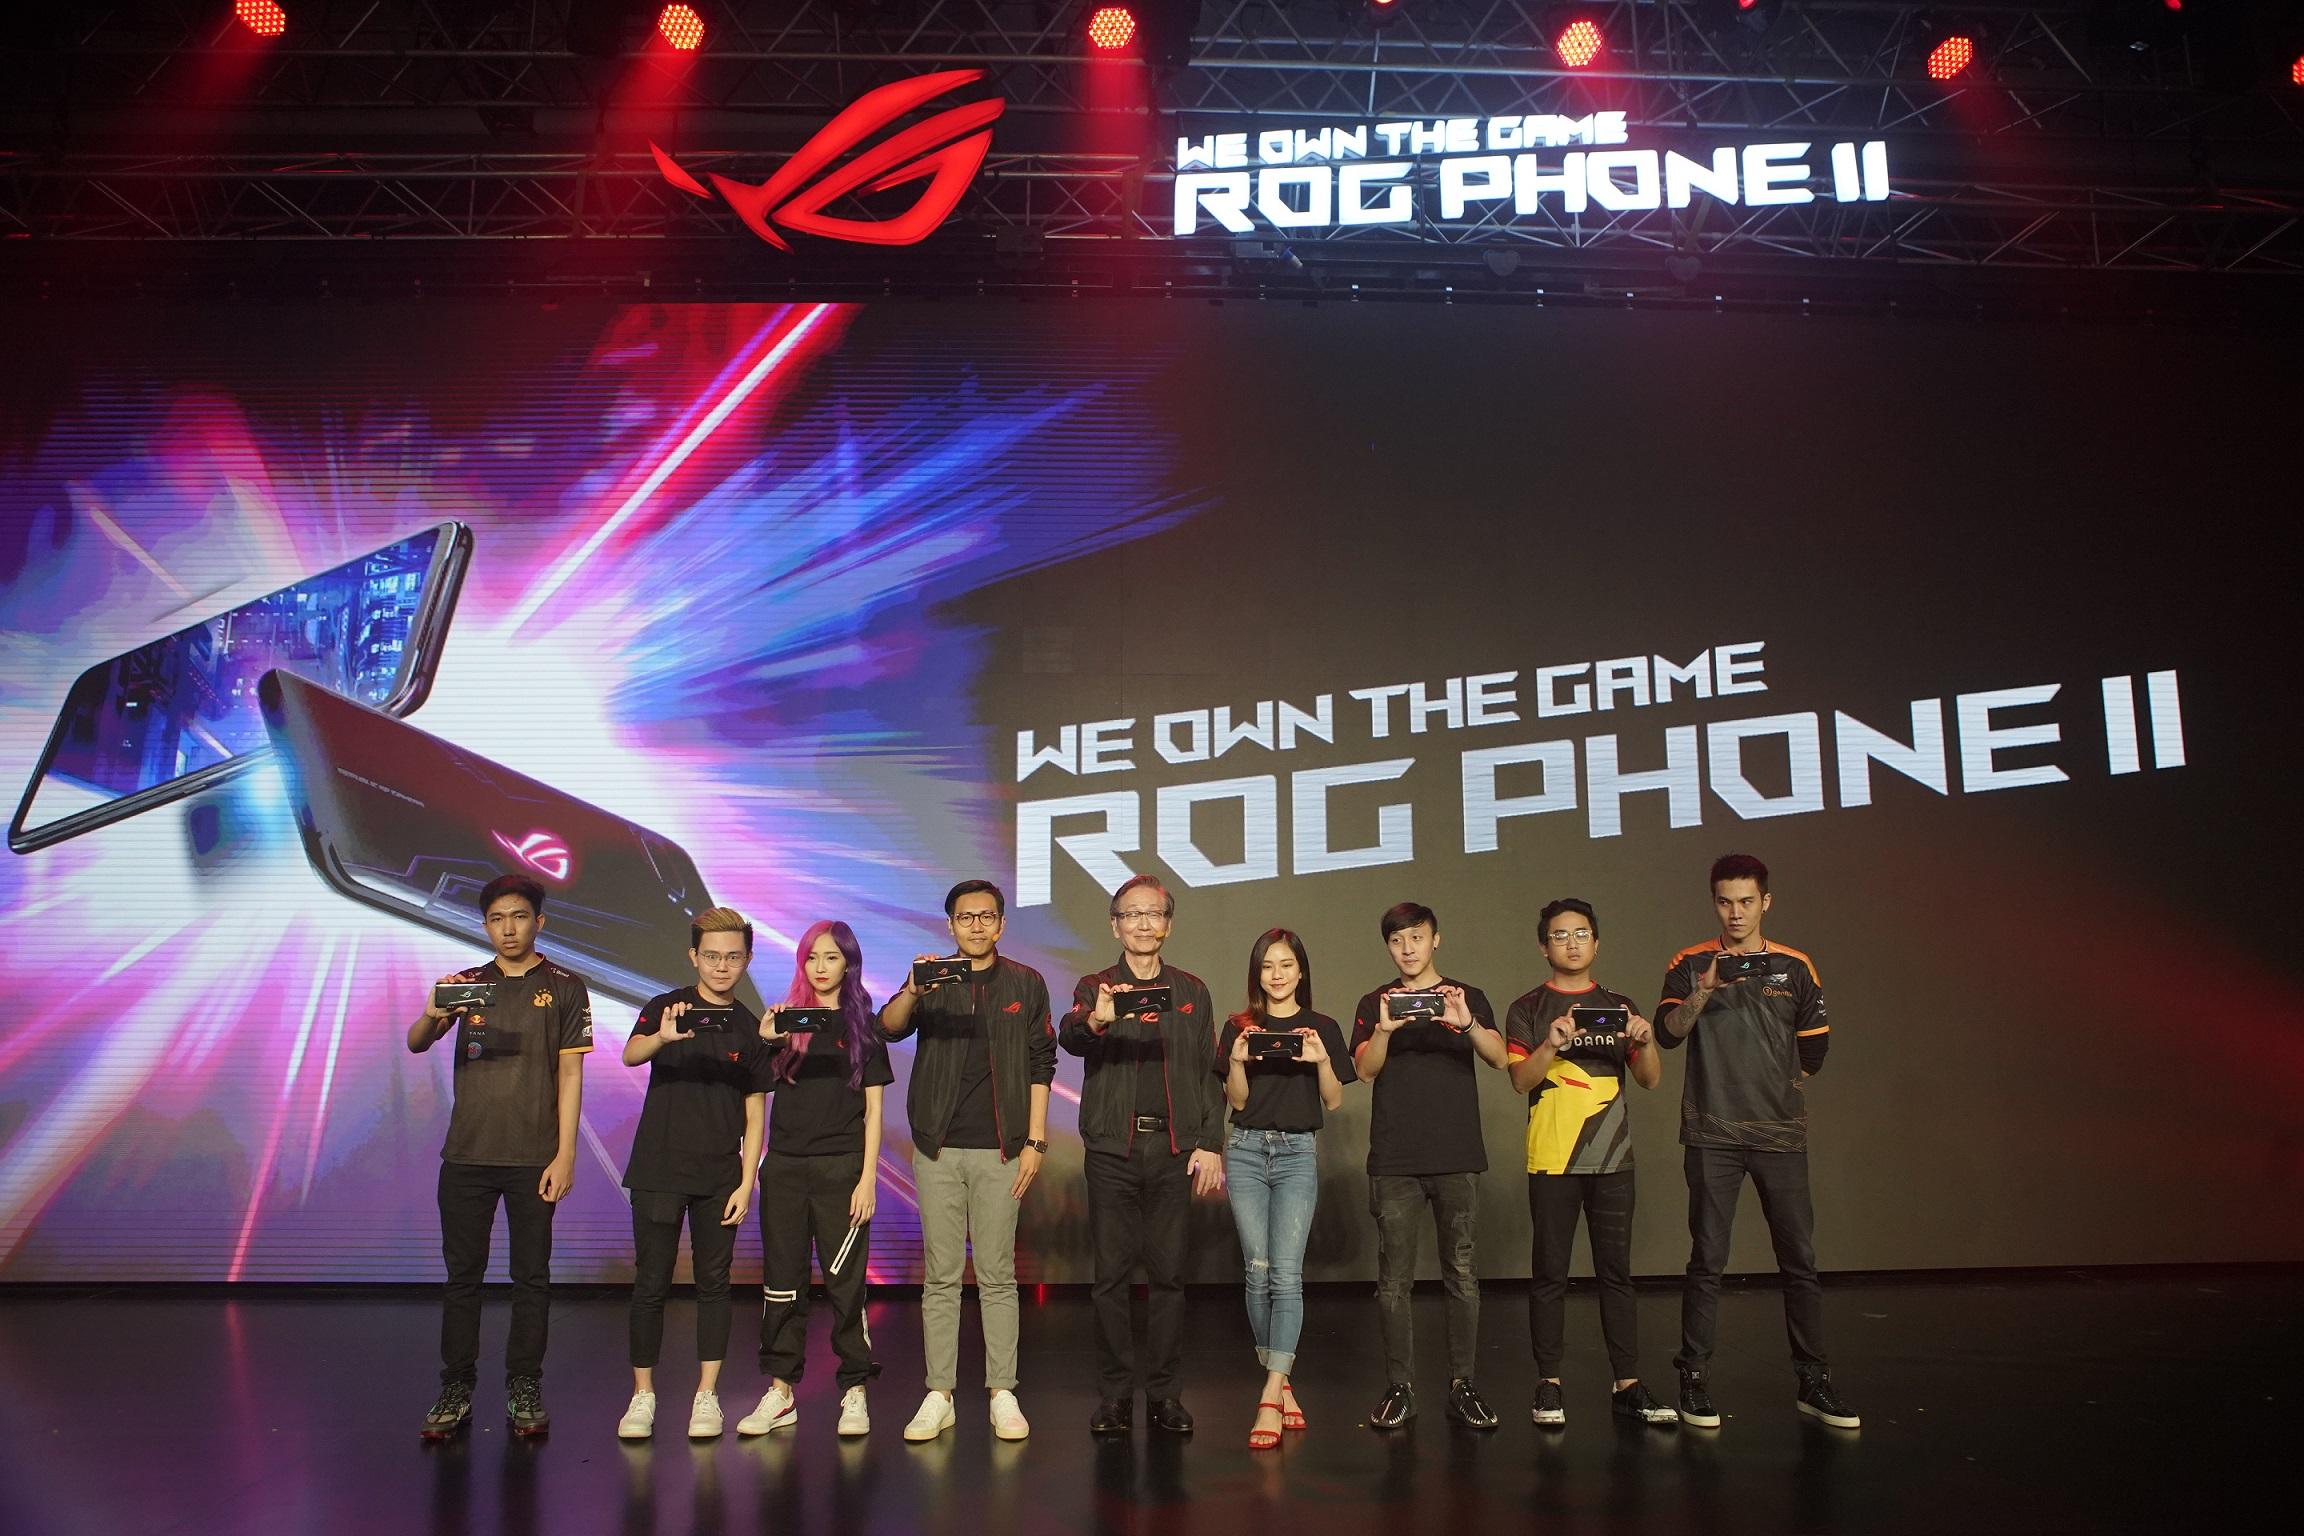 ROG Phone II」以及其一應俱全的專屬擴充配件,將為當地玩家帶來更全方位的遊戲及電競饗宴!